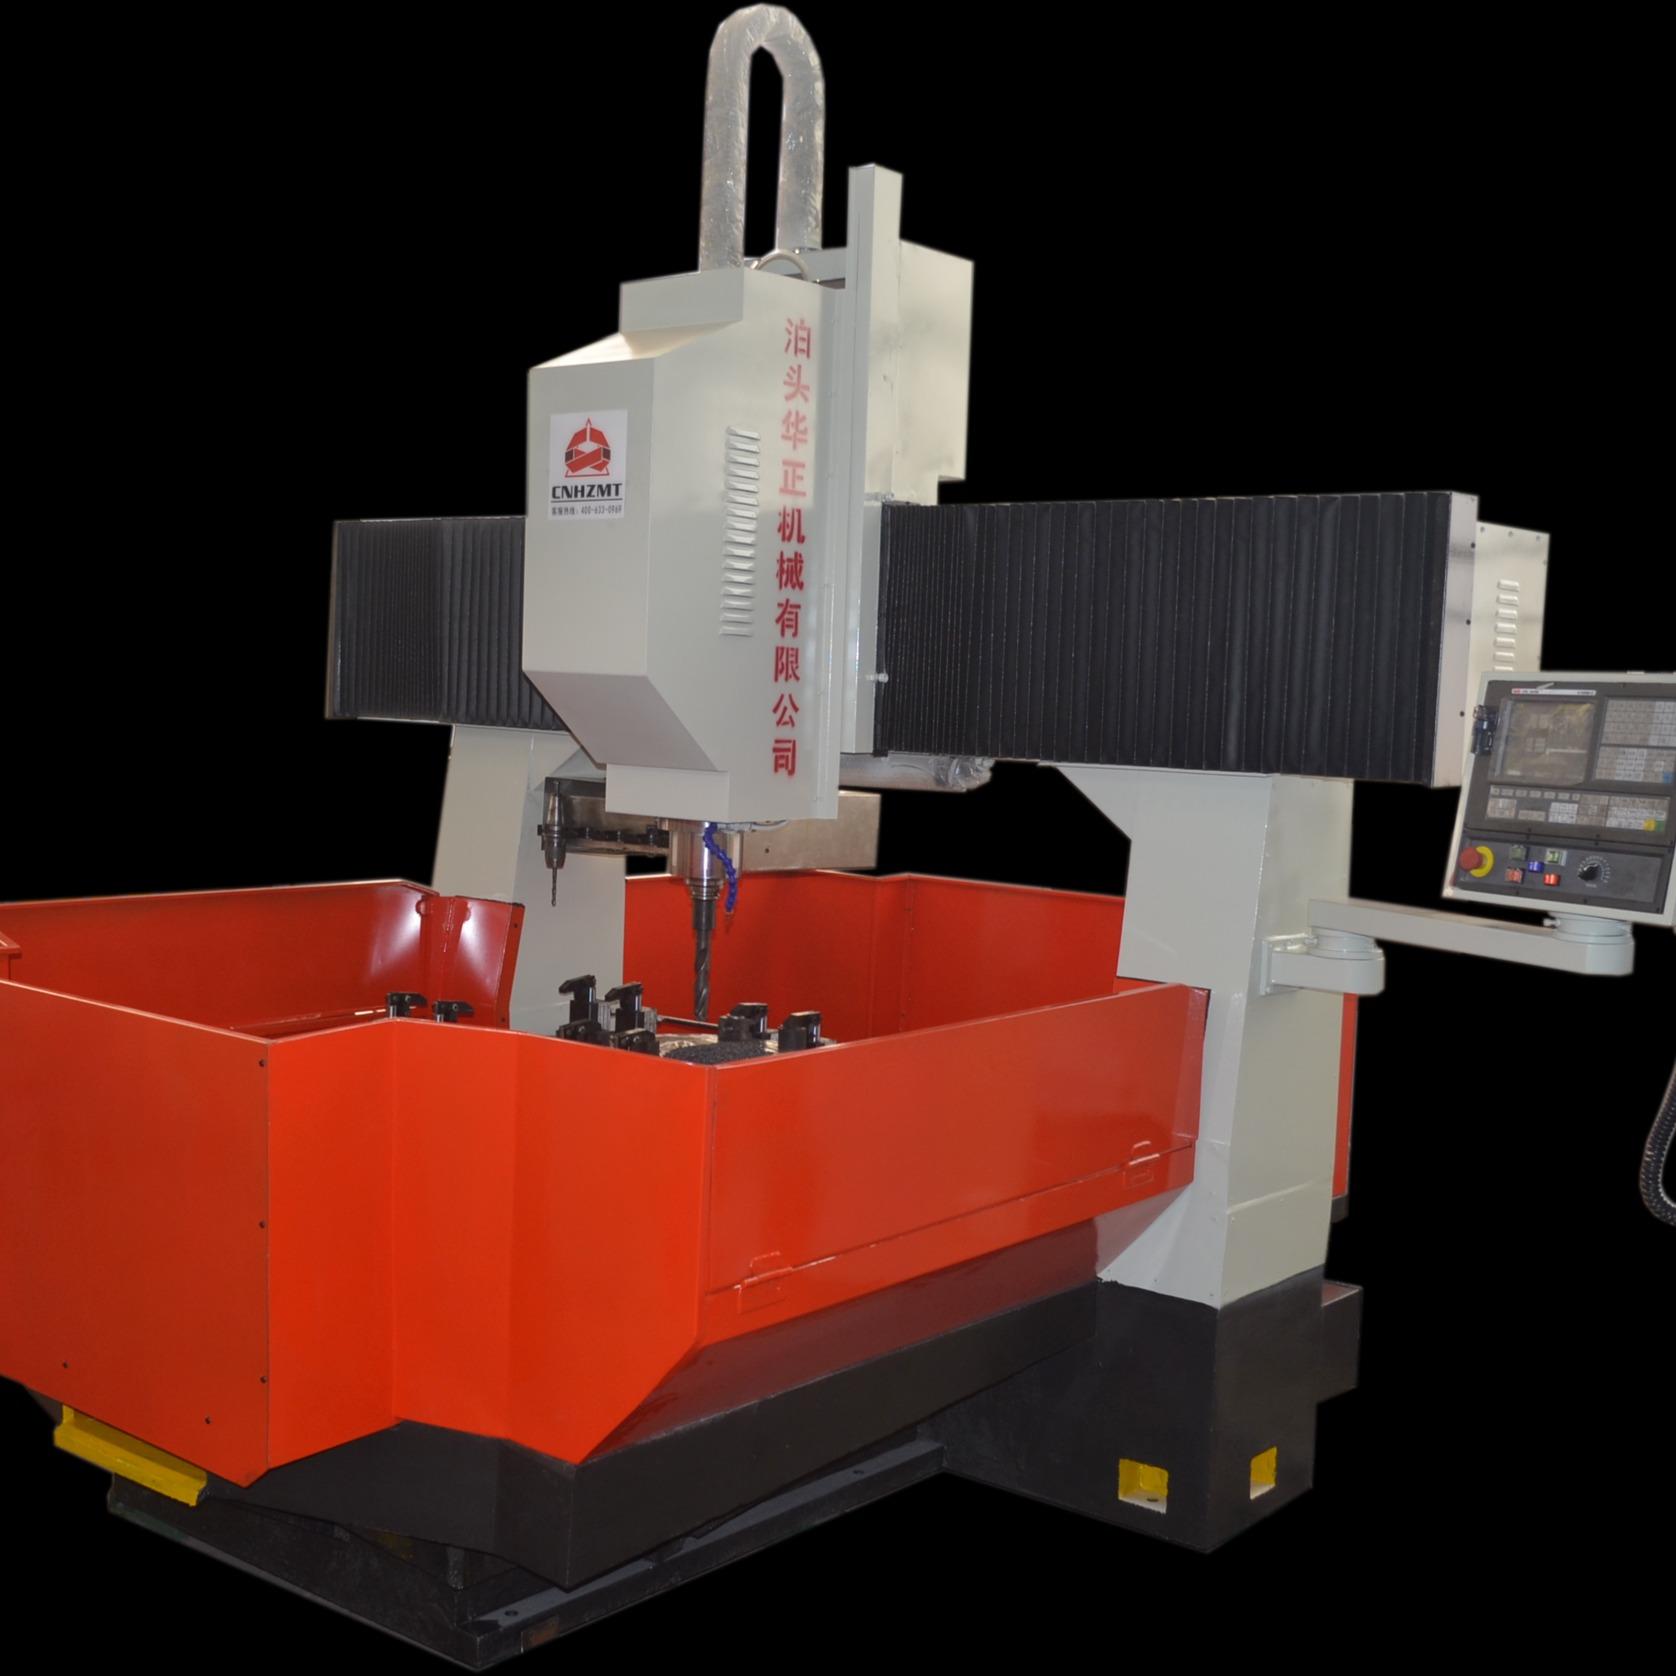 河北厂家直销 平面加工钢板专用数控钻床 铸造床身结实耐用 现货